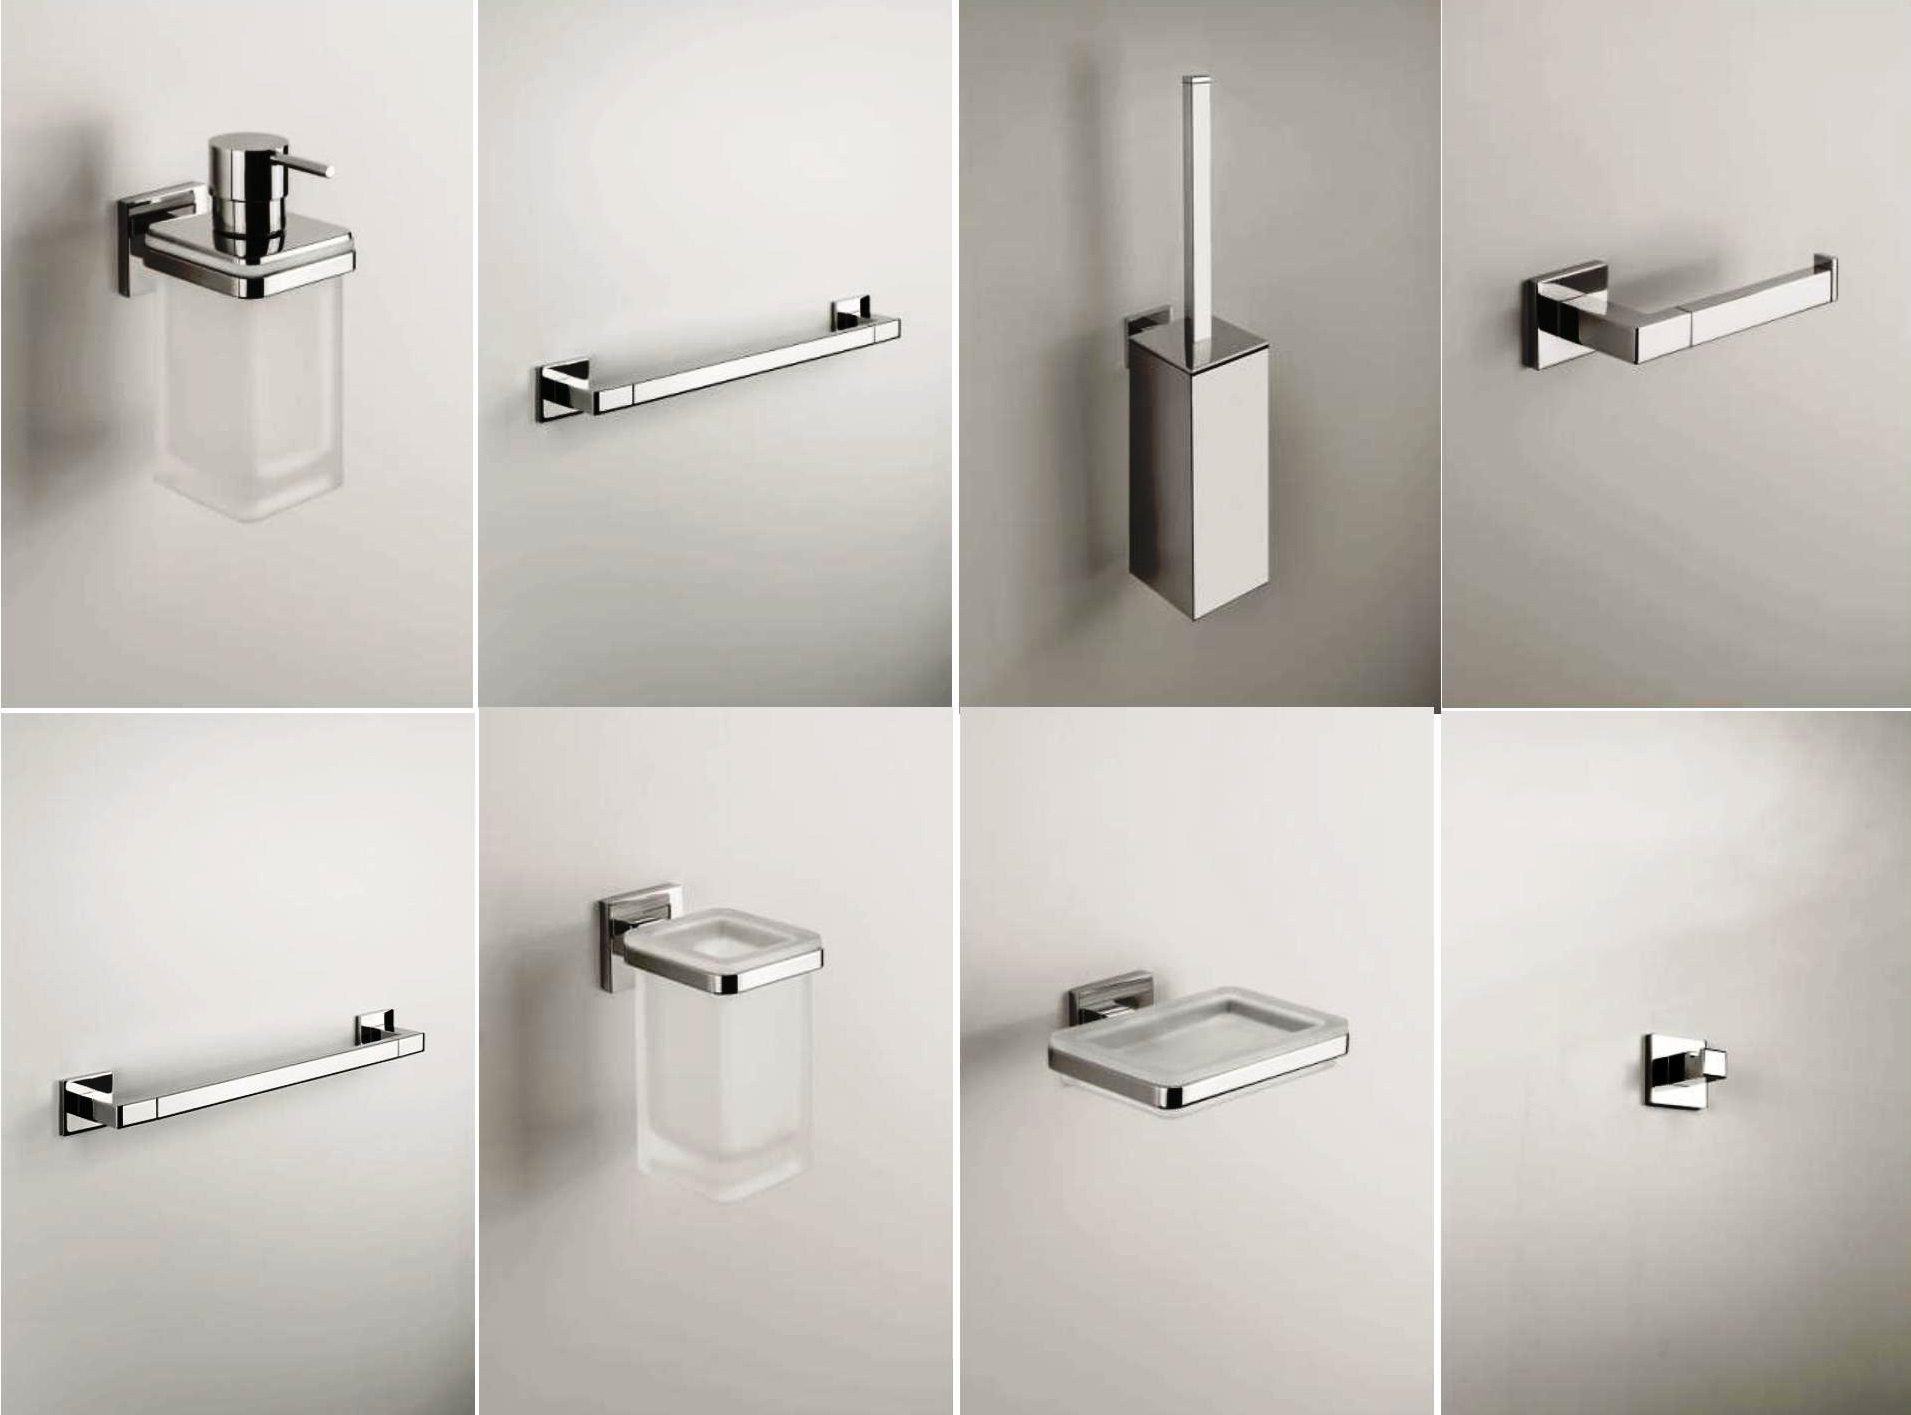 Accessori bagno colombo la scelta giusta variata sul design della casa - Accessori bagno colombo ...